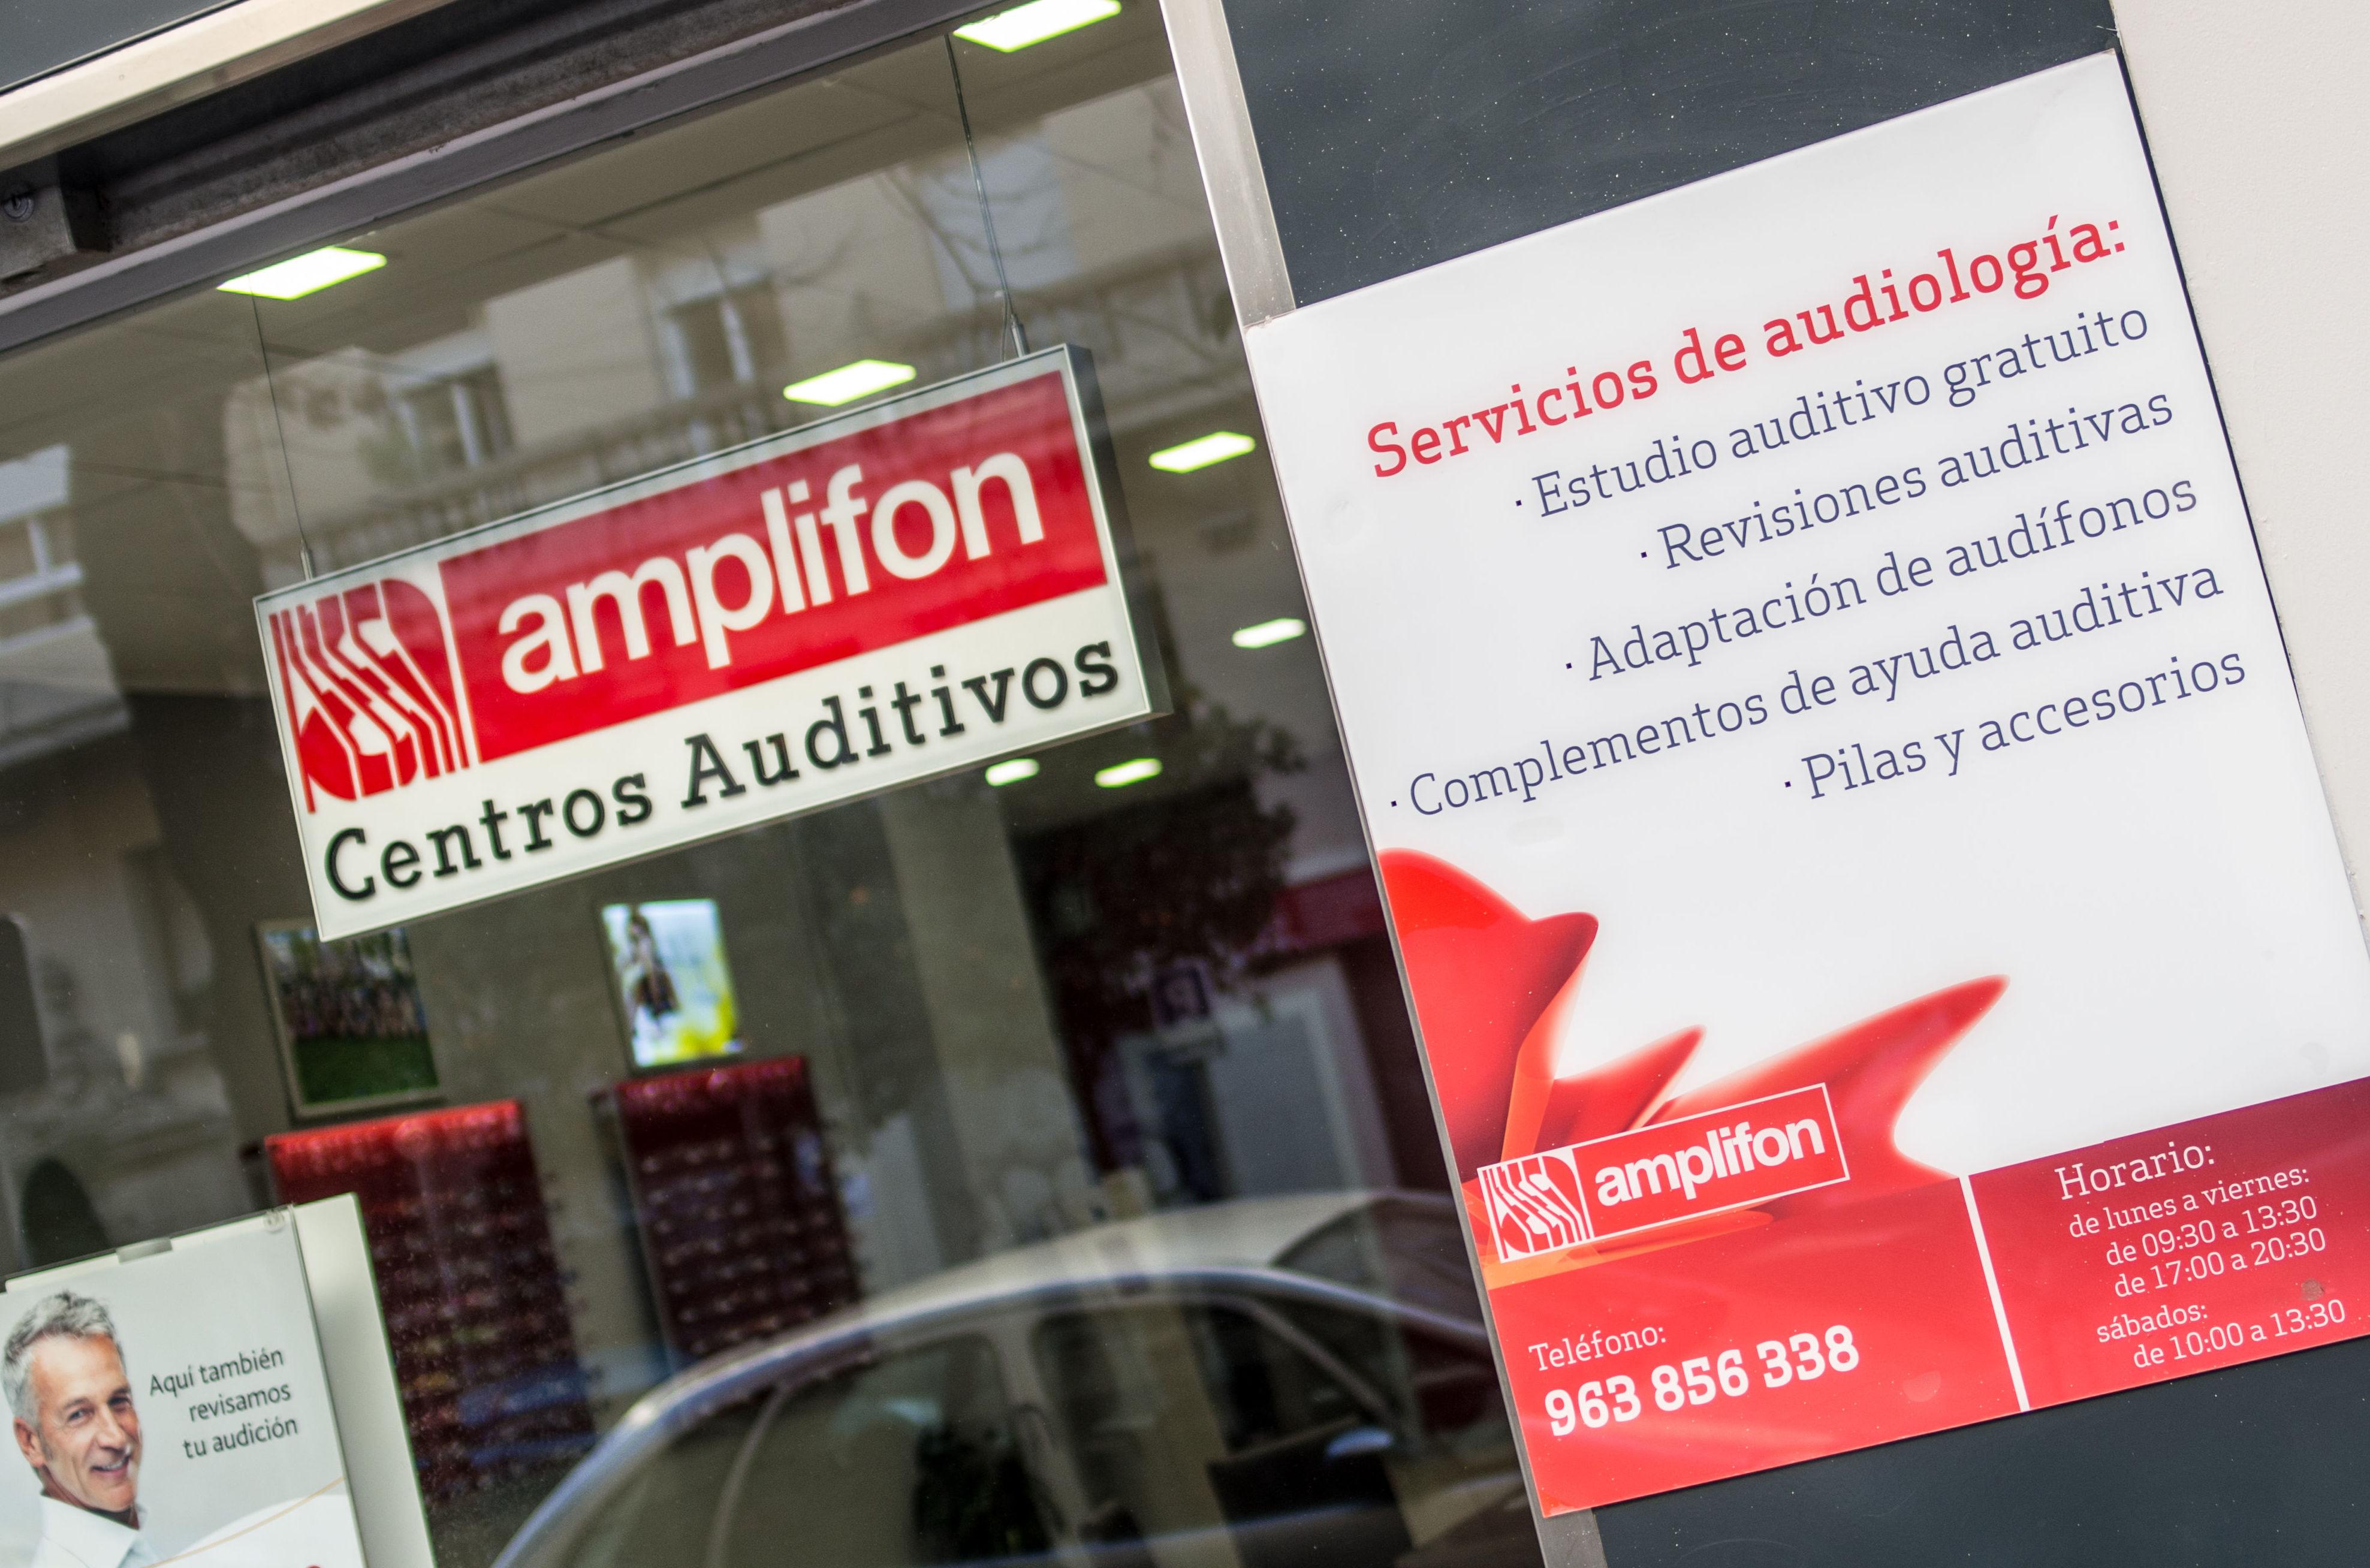 Servicios de audiología